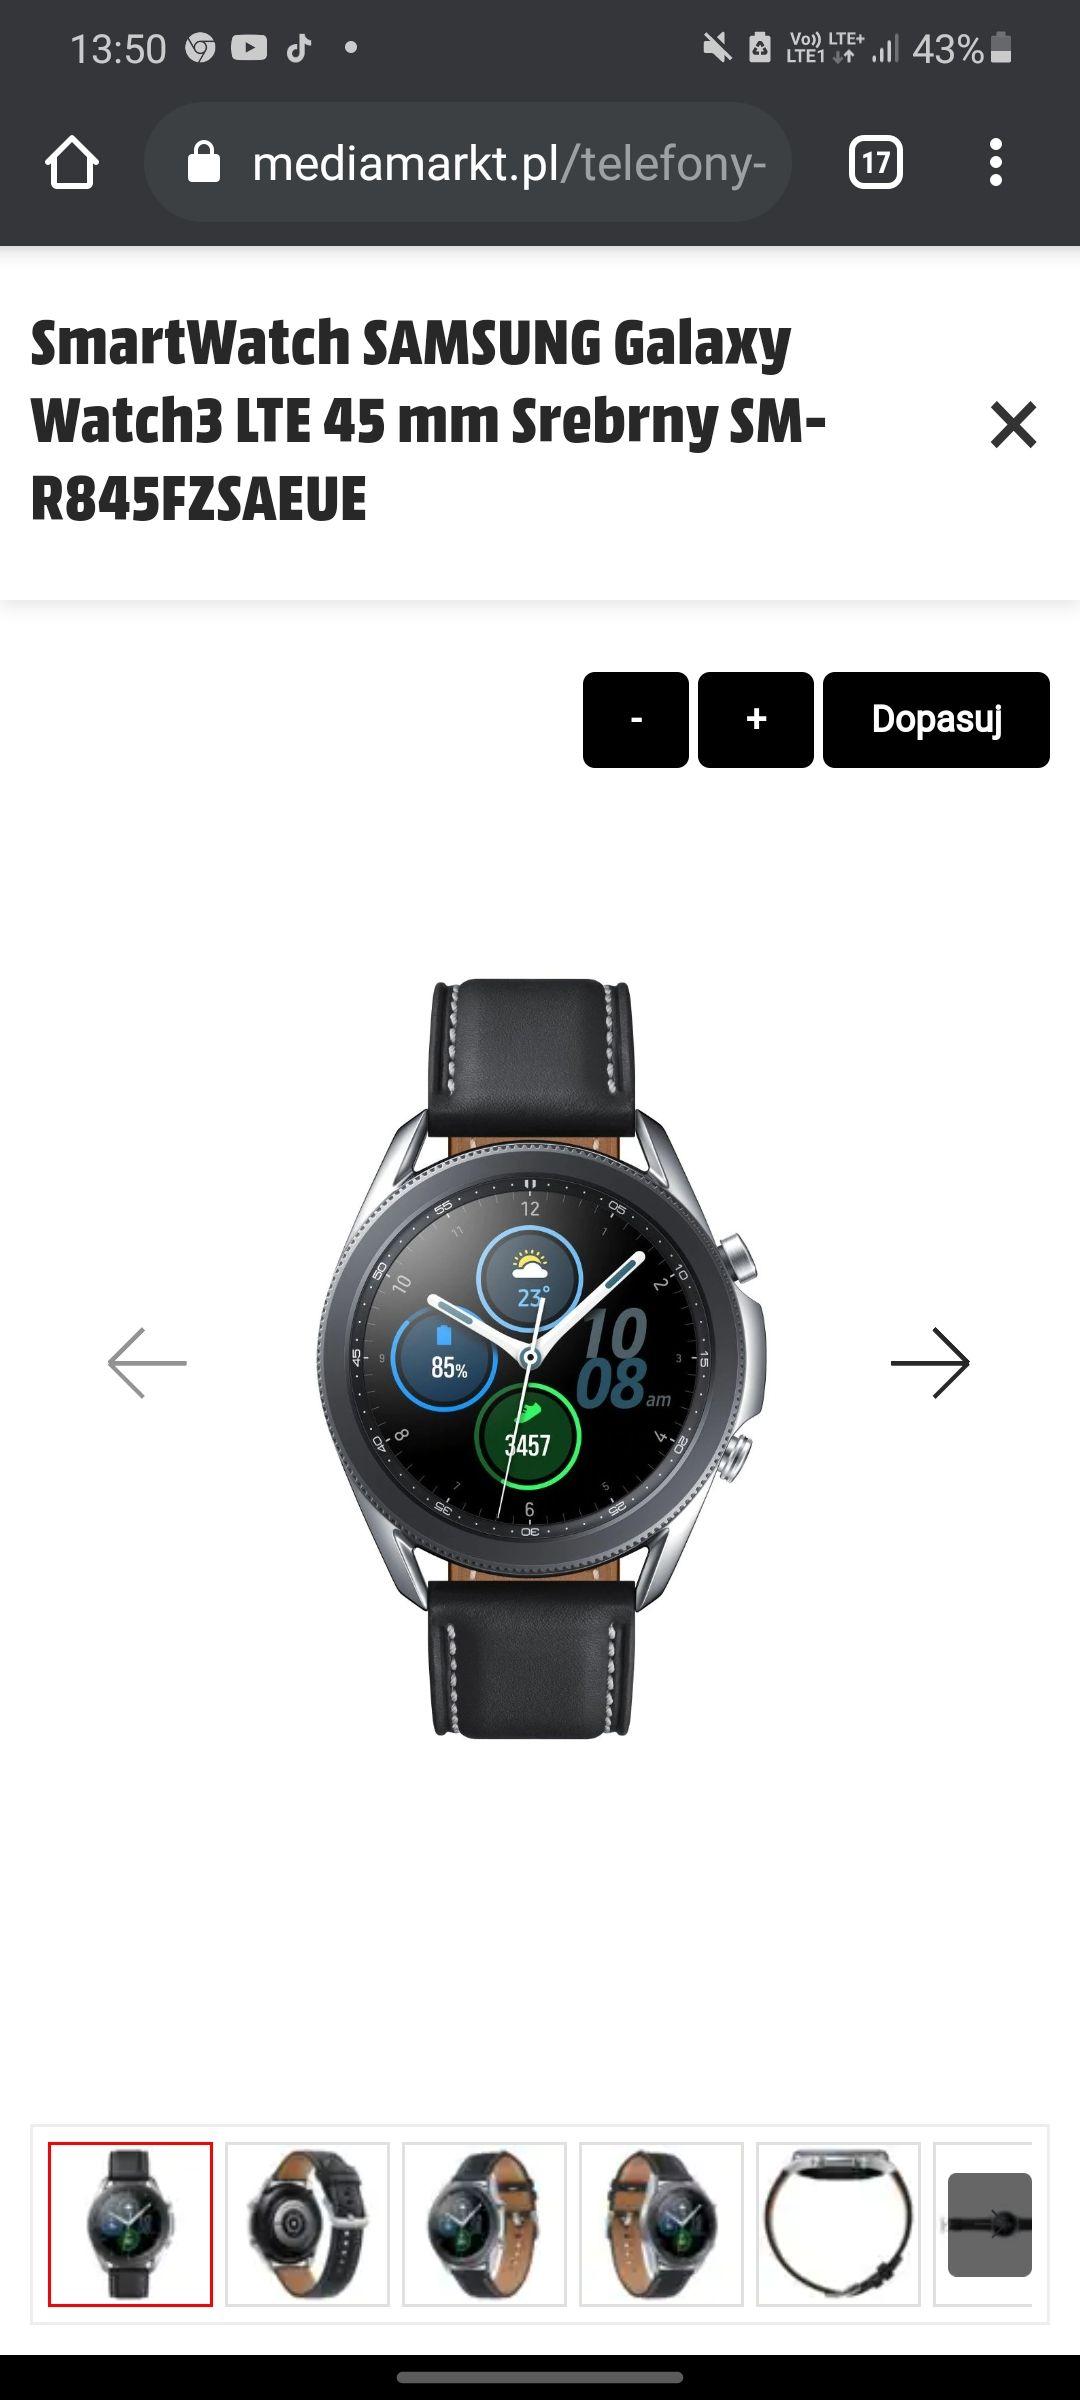 Samsung Galaxy Watch 3 LTE 45mm (1158zł przy rejestracji zegarka na stronie Samsunga)